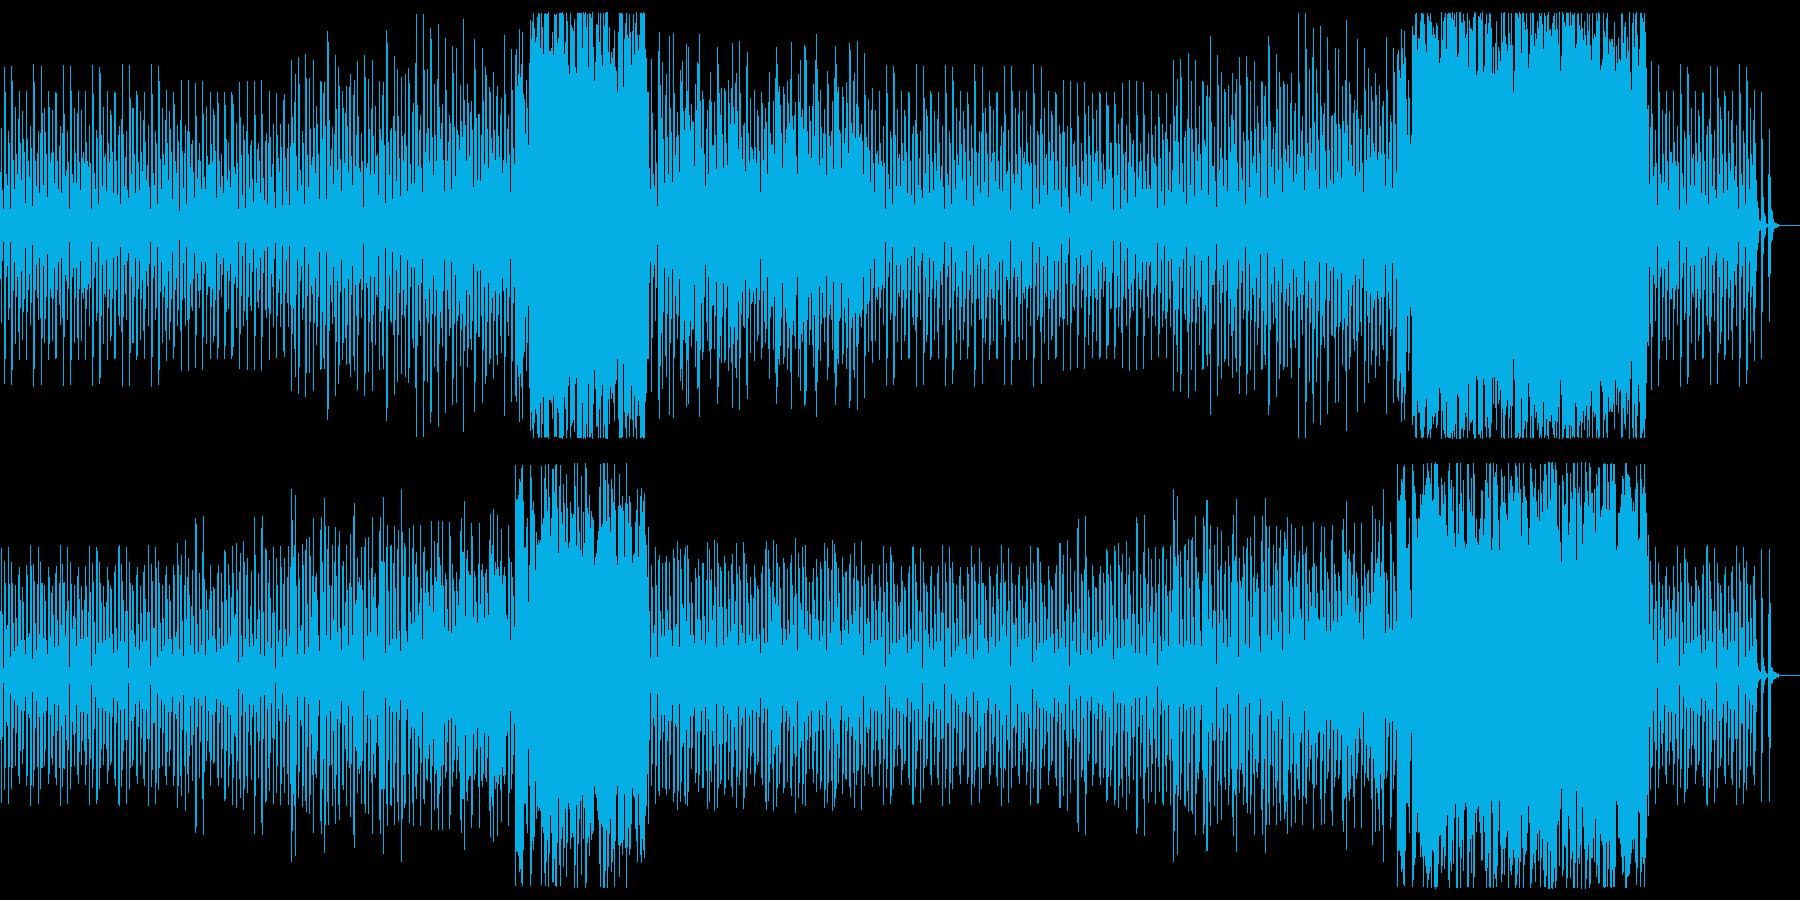 【リズム・ドラム抜き】ほのぼの軽快ファ…の再生済みの波形